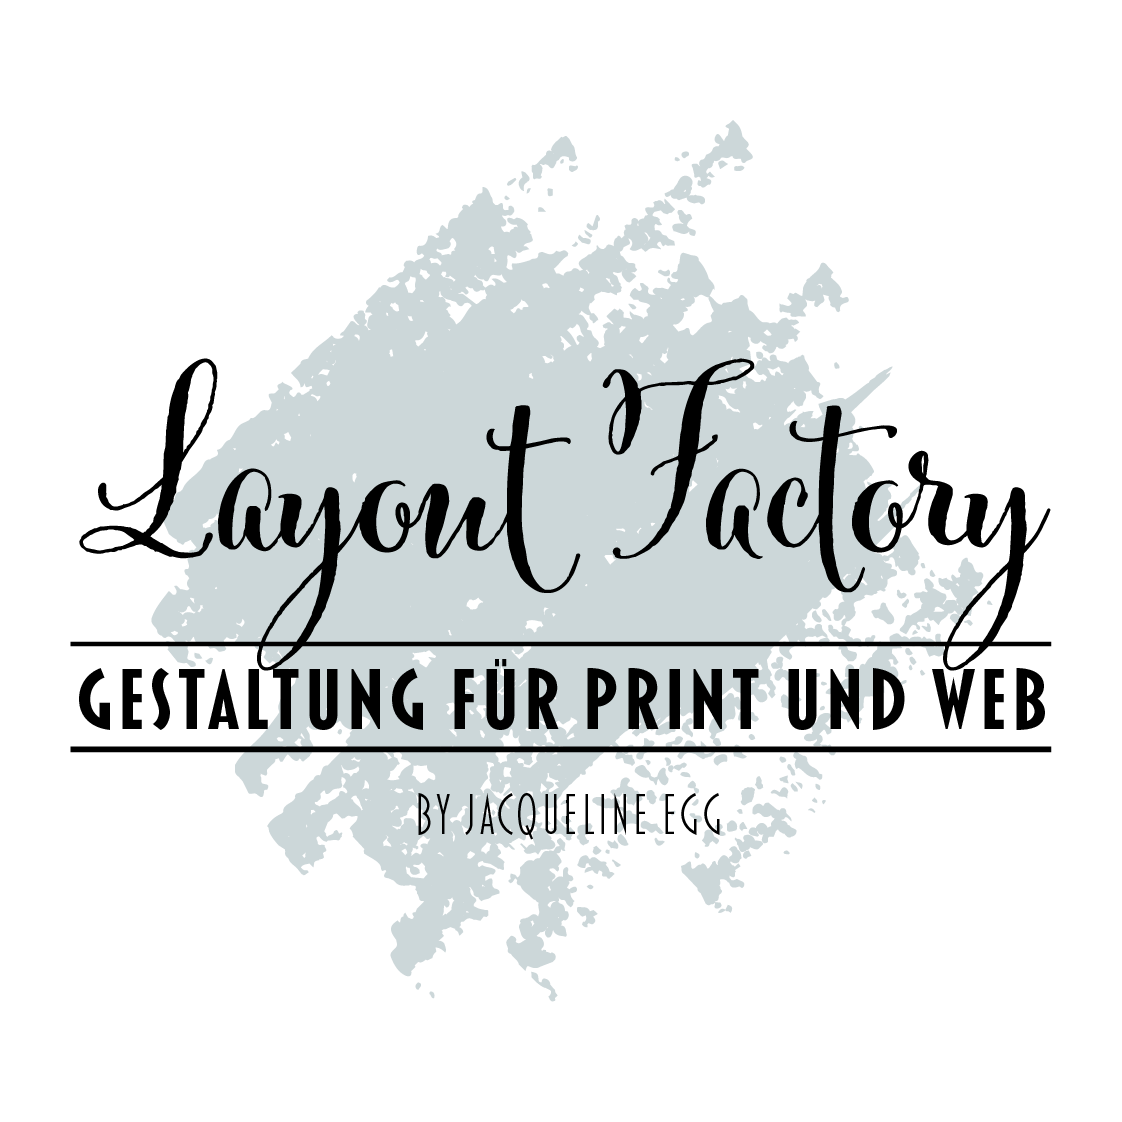 Das Logo von der Layout-Factory Print- und Webdesign